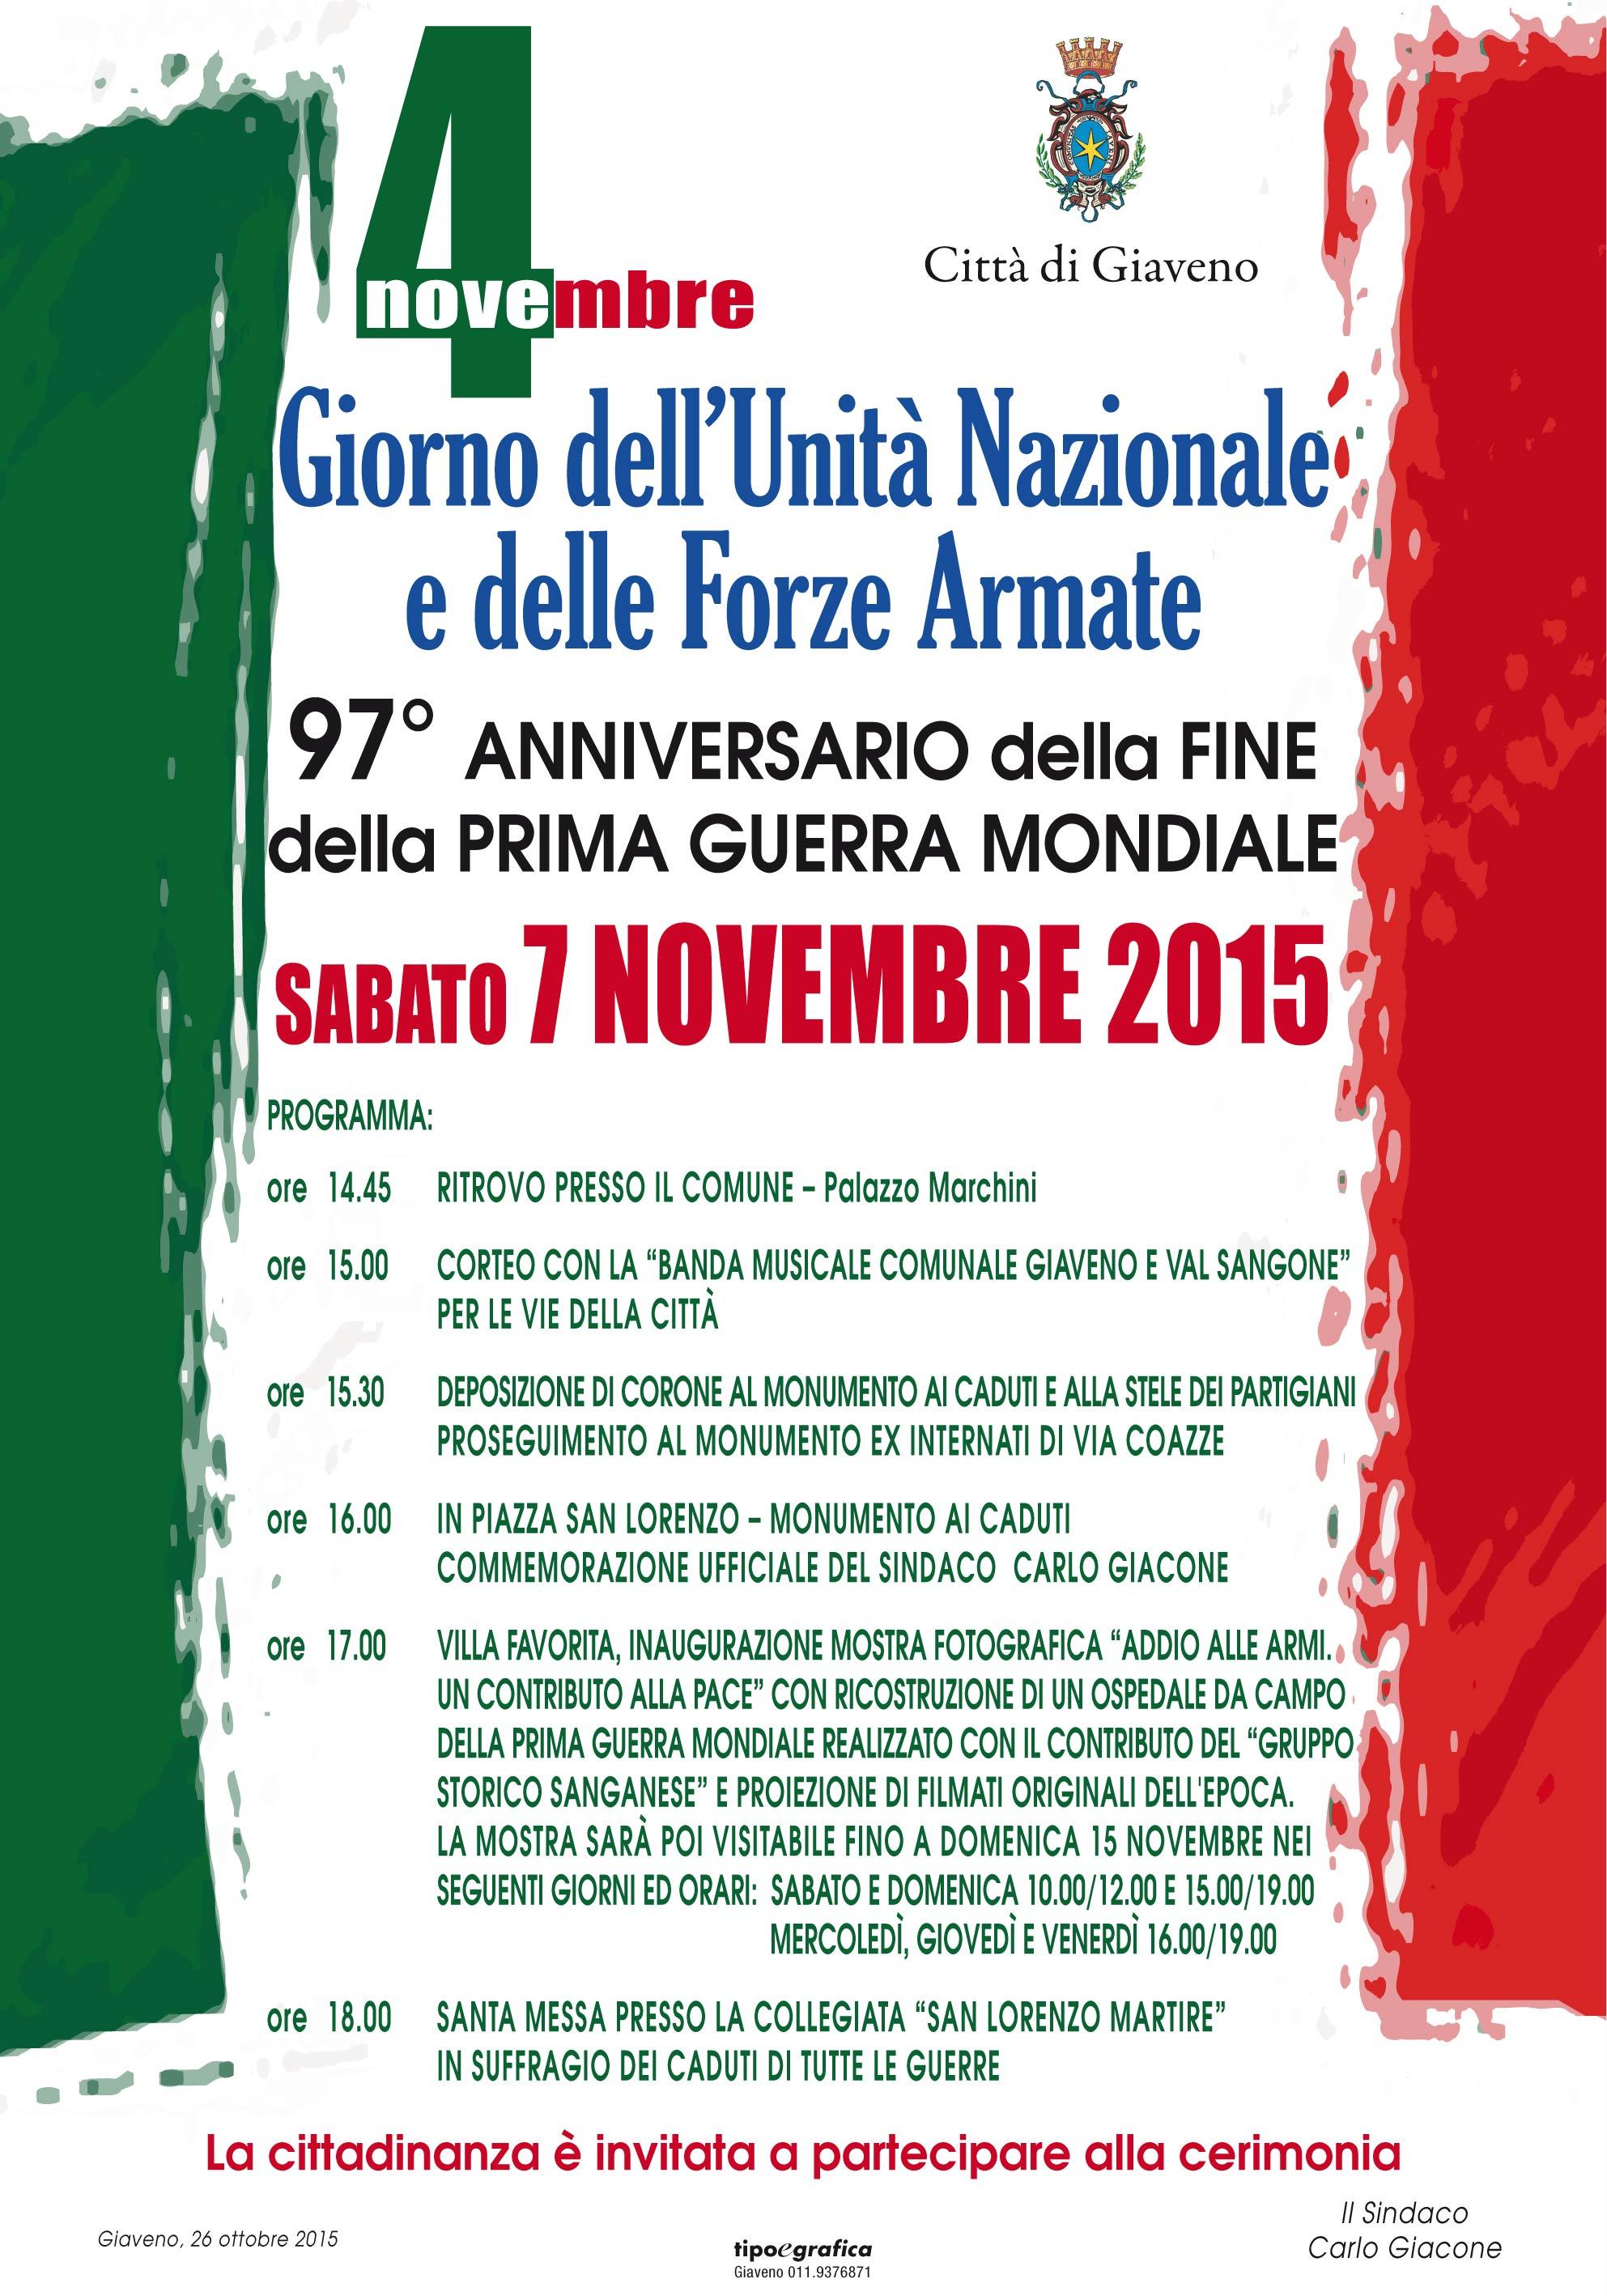 IV Novembre 2015 Giorno dell'Unità Nazionale e delle Forze Armate  – Manifestazione sabato 7 novembre 2015